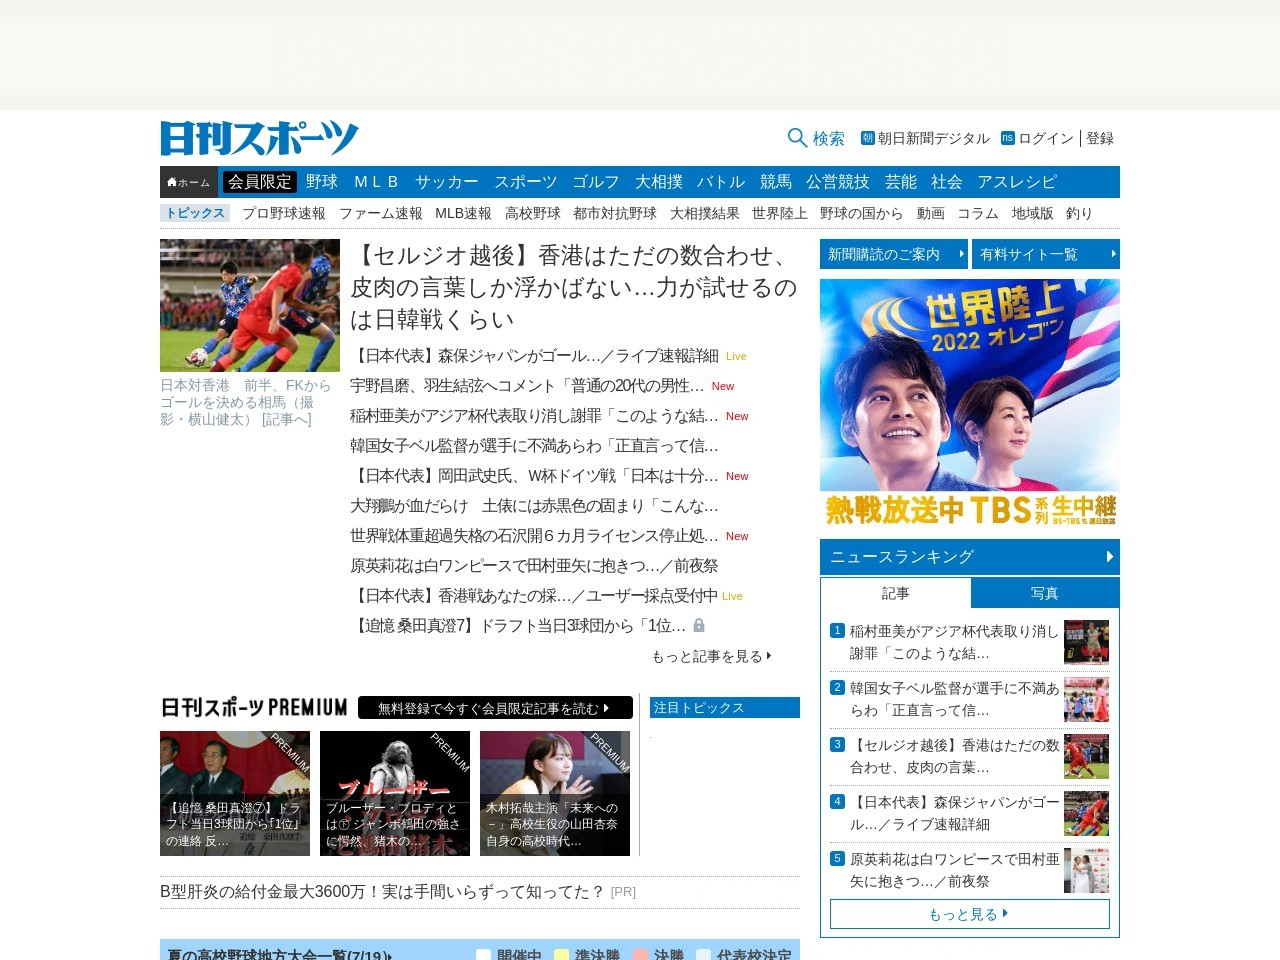 大坂なおみ貫禄突破「ハッピー」全豪OP1回戦詳細